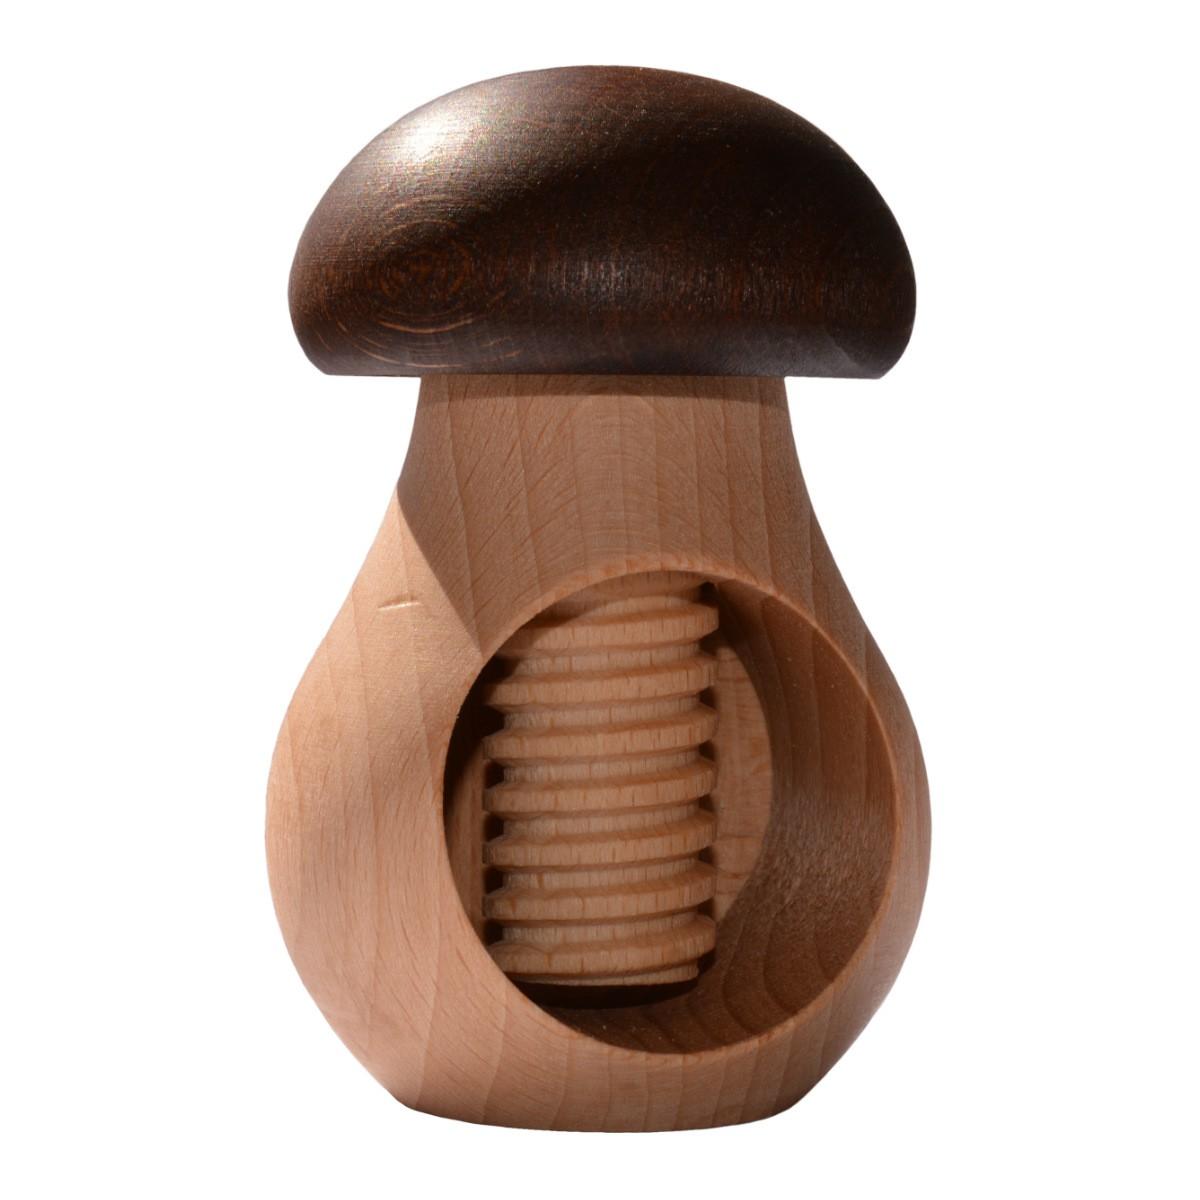 nussknacker pilz aus holz mit schraube zum einfachen knacken von n ssen. Black Bedroom Furniture Sets. Home Design Ideas